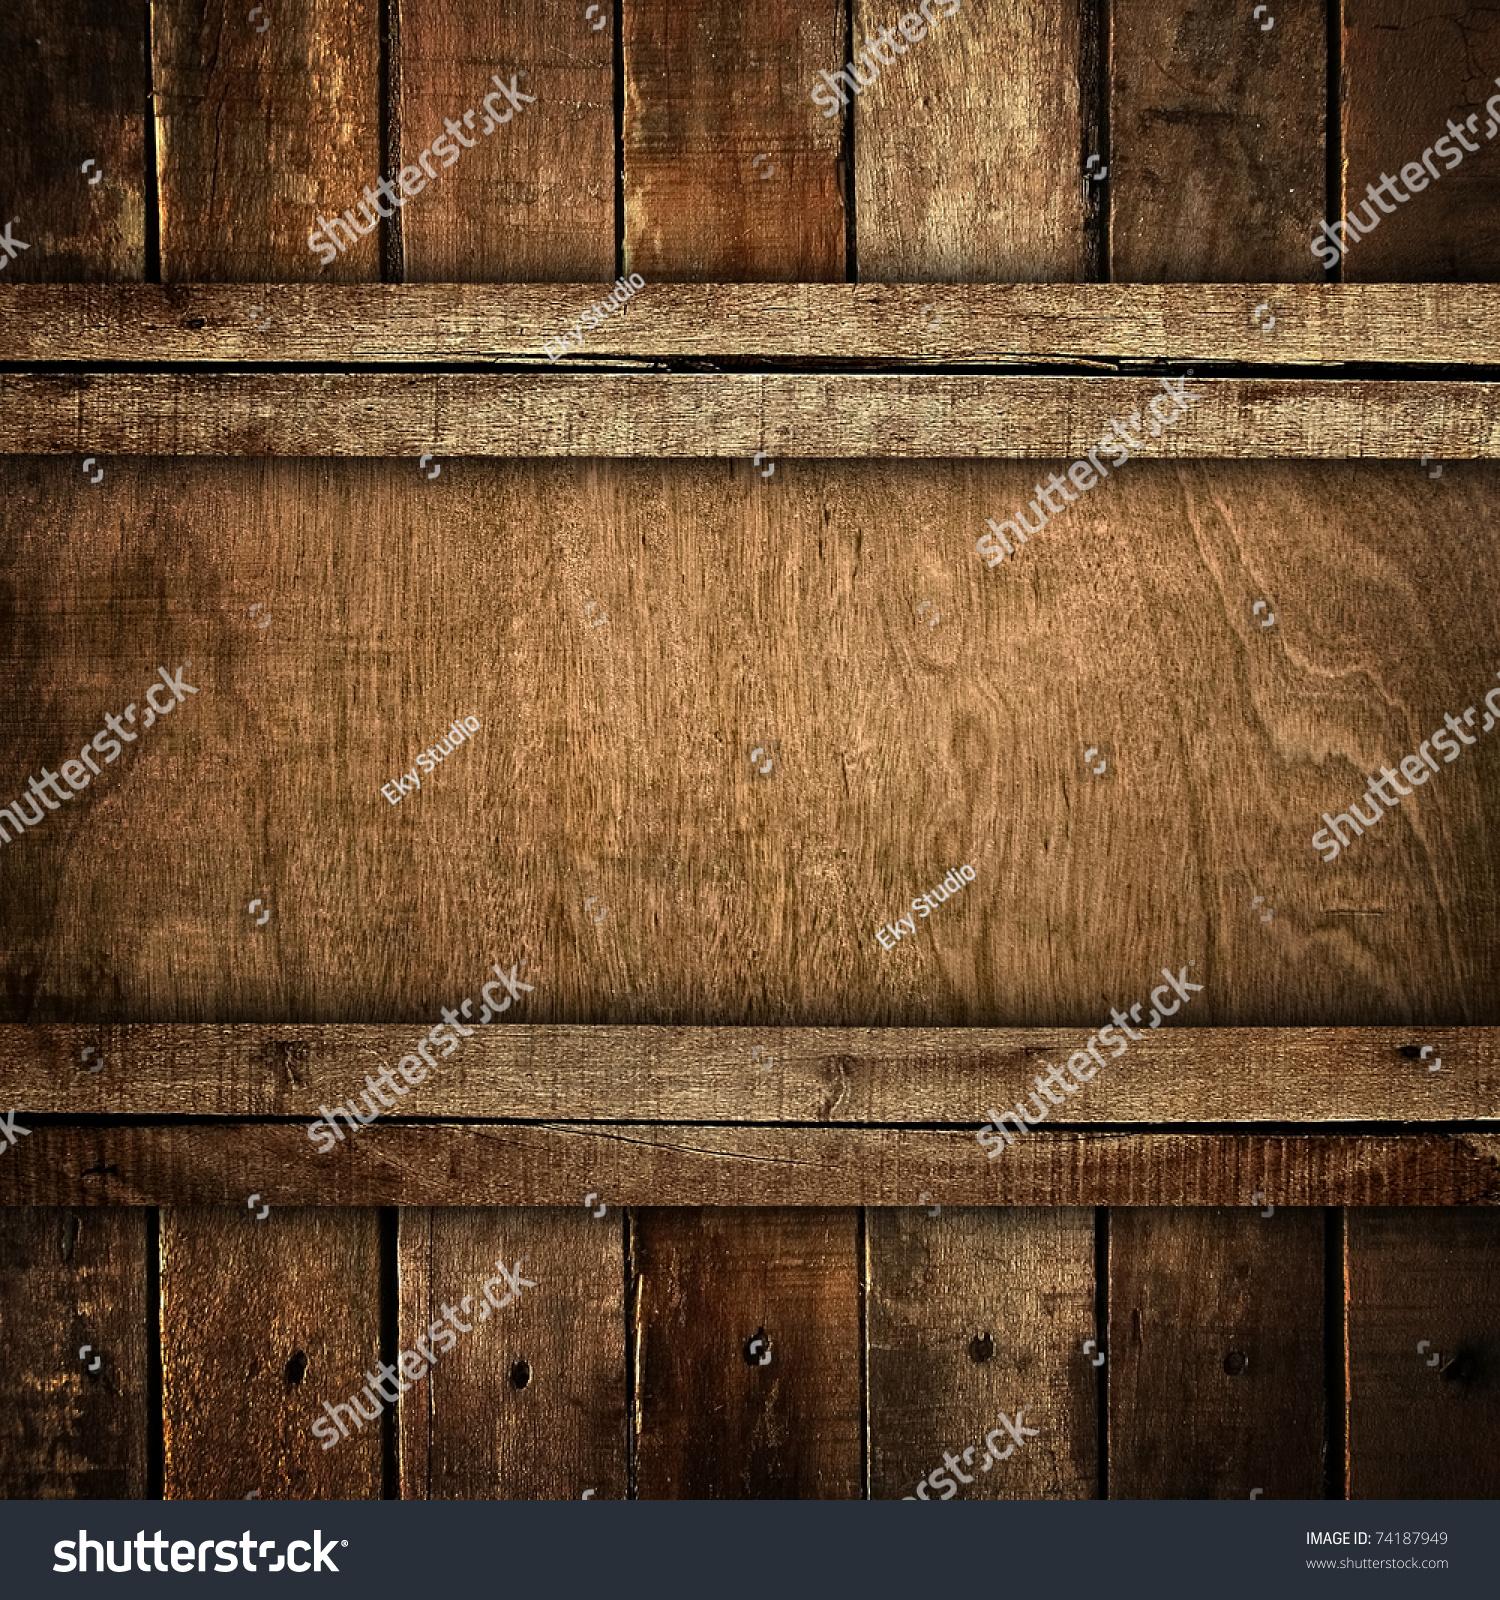 旧的木板-背景/素材,复古风格-海洛创意(hellorf)